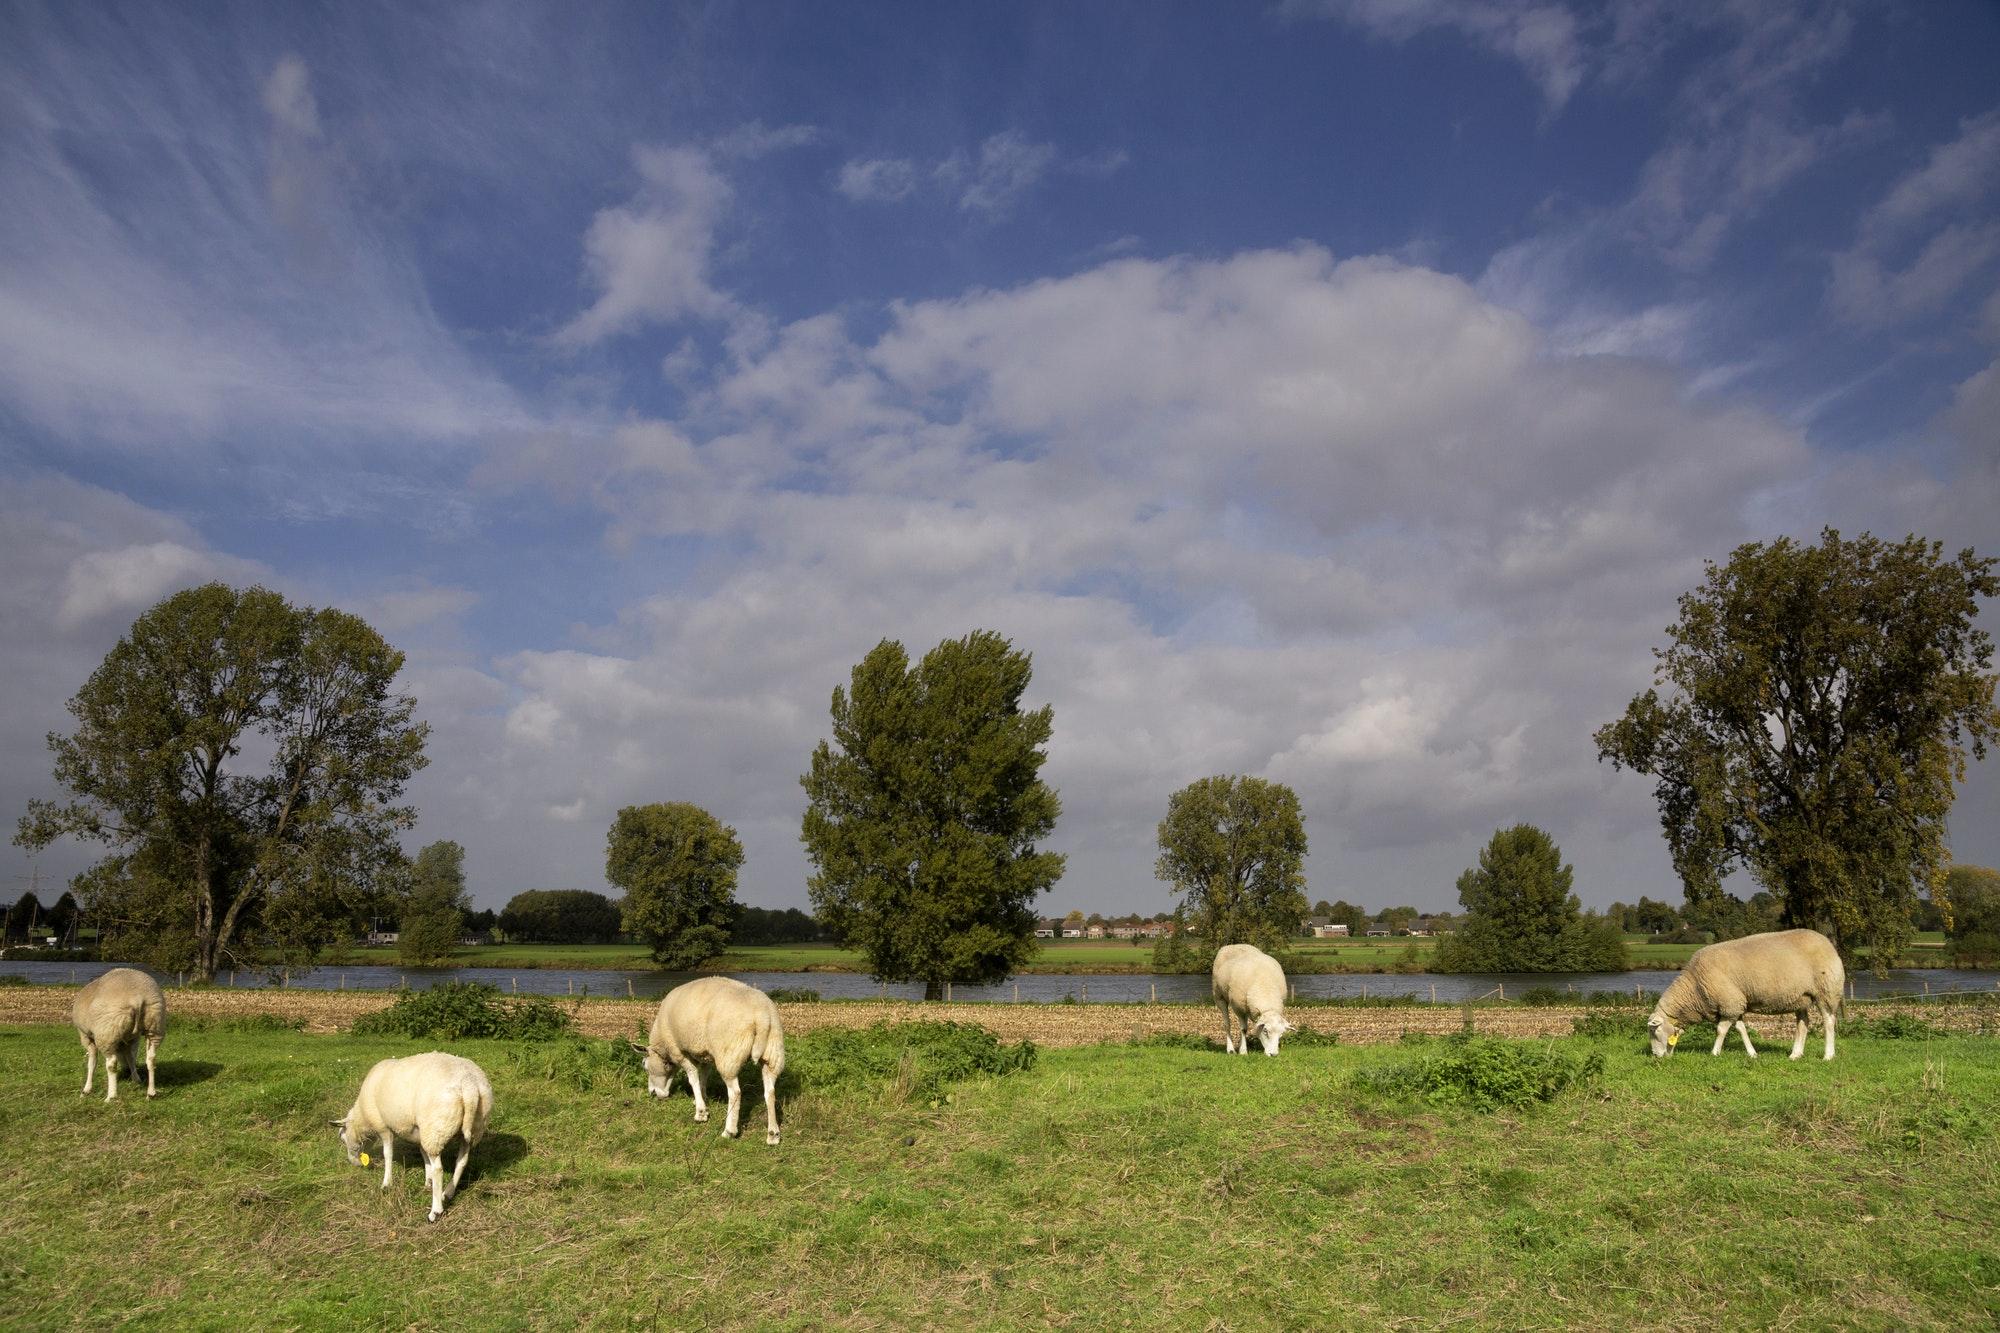 Sheep on a dike